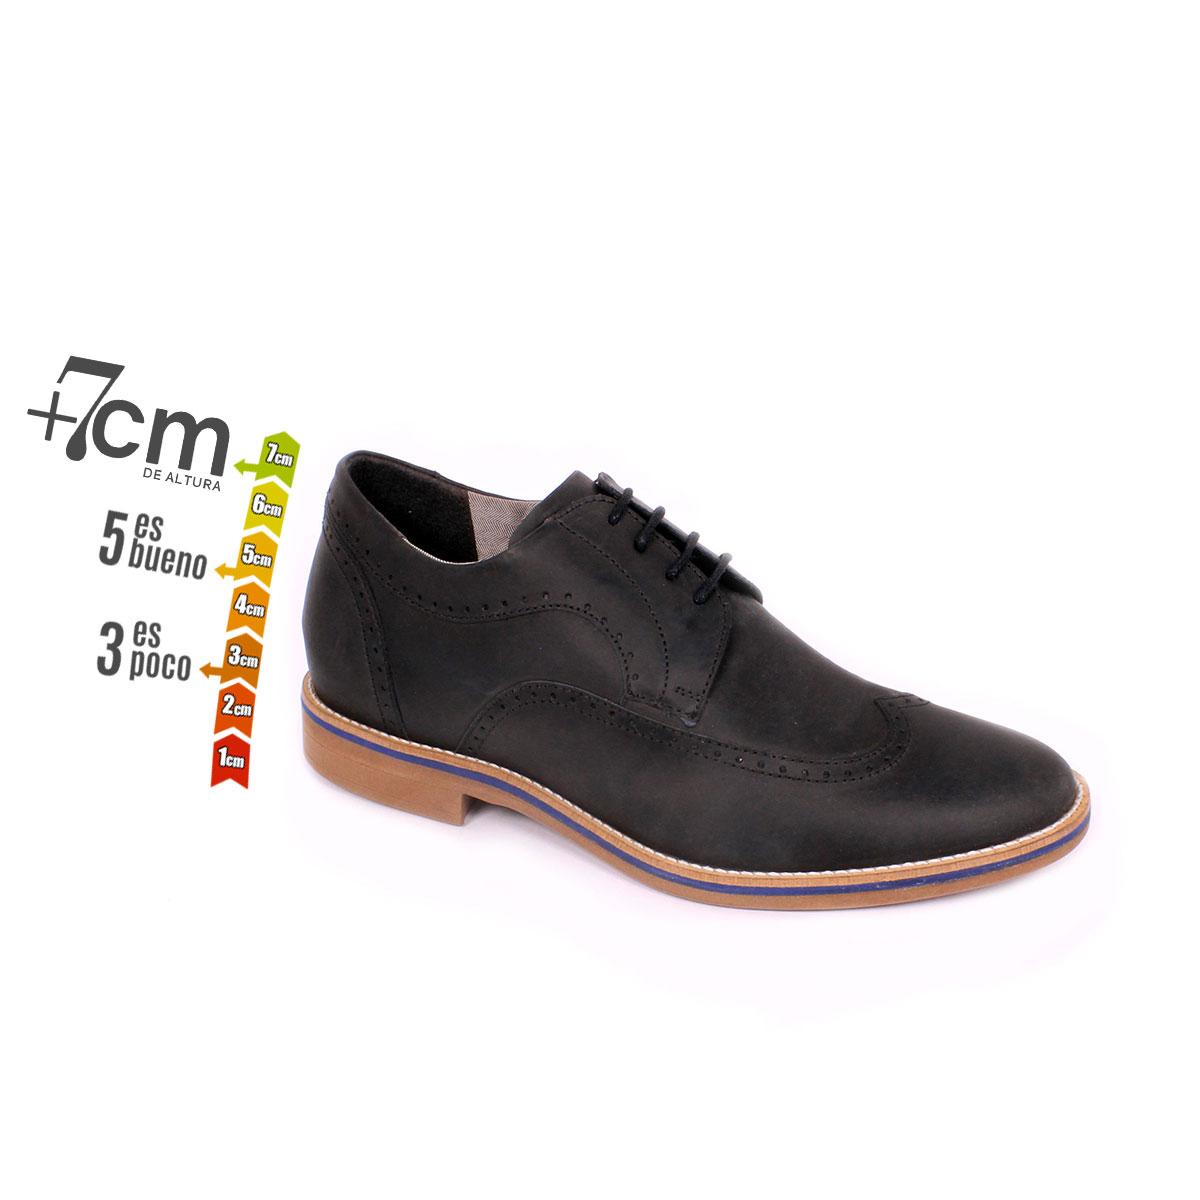 Zapato Casual Oxford Negro Max Denegri +7cm de Altura_74113